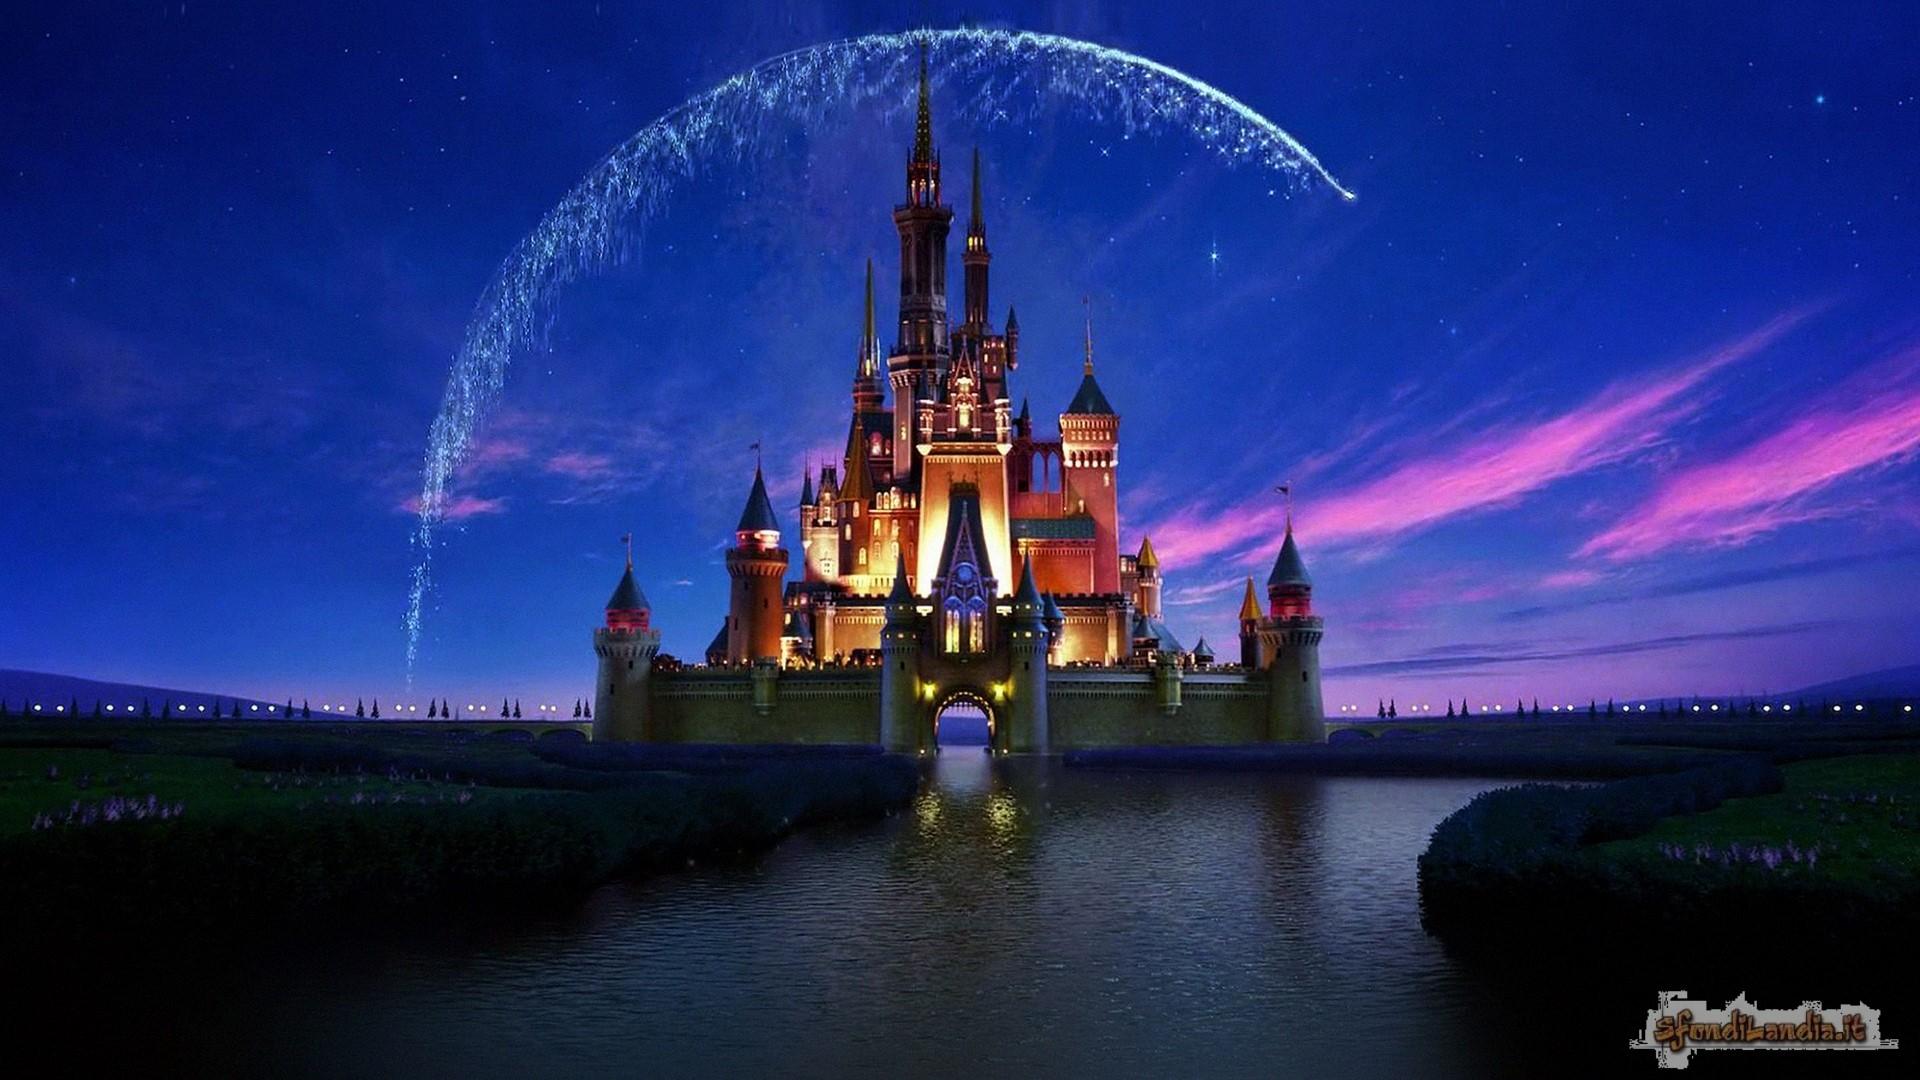 Sfondilandia sfondo gratis di disney castle per desktop